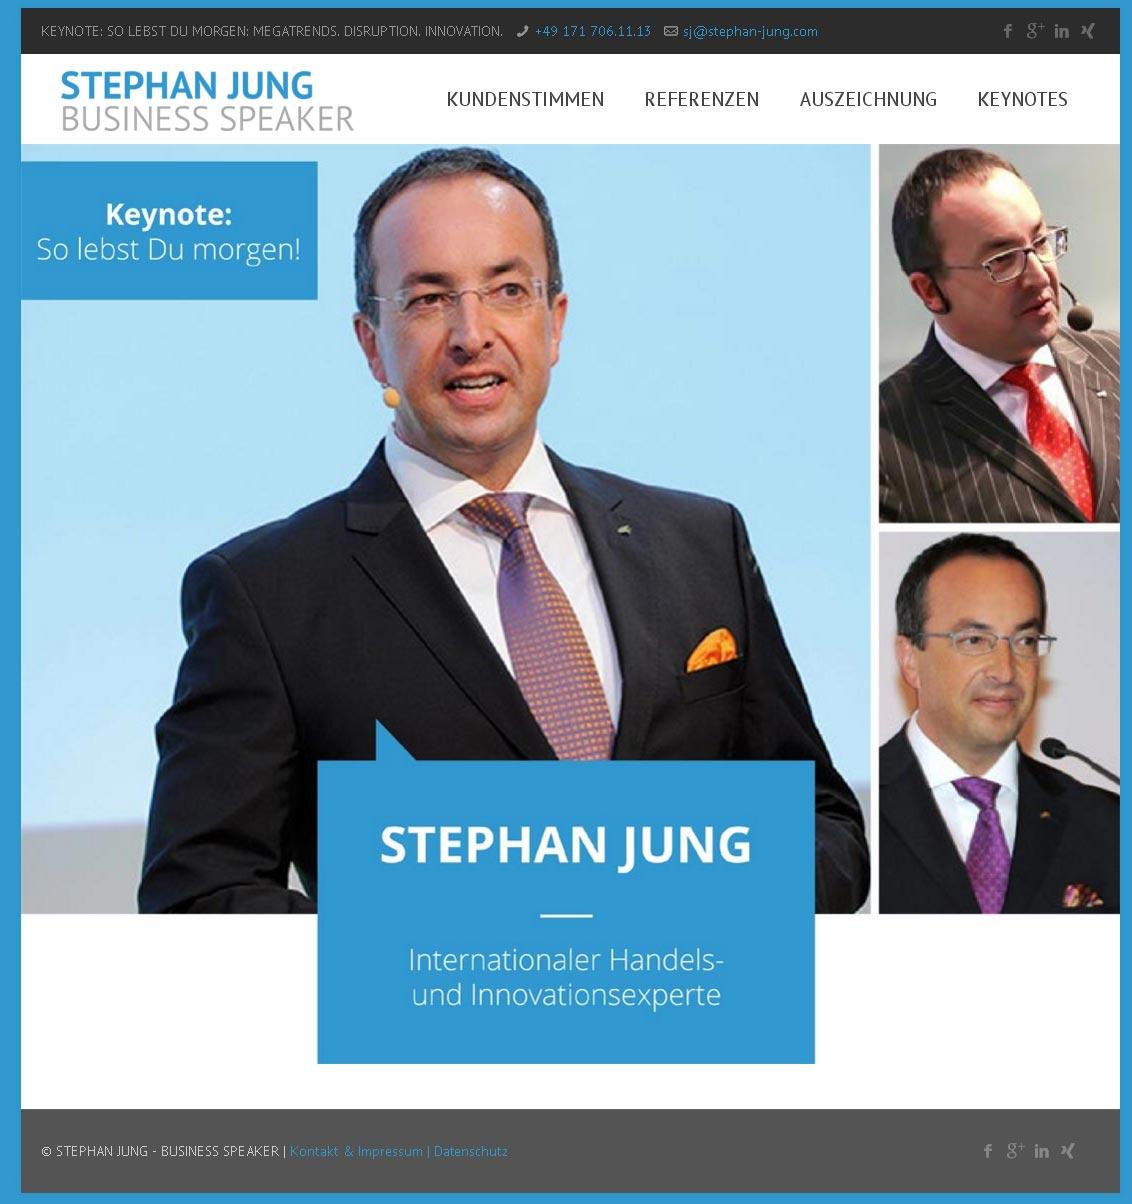 InoventiQ Group UG Entwicklung der CI, Grafik & Layout für Online www.stephan-jung.com